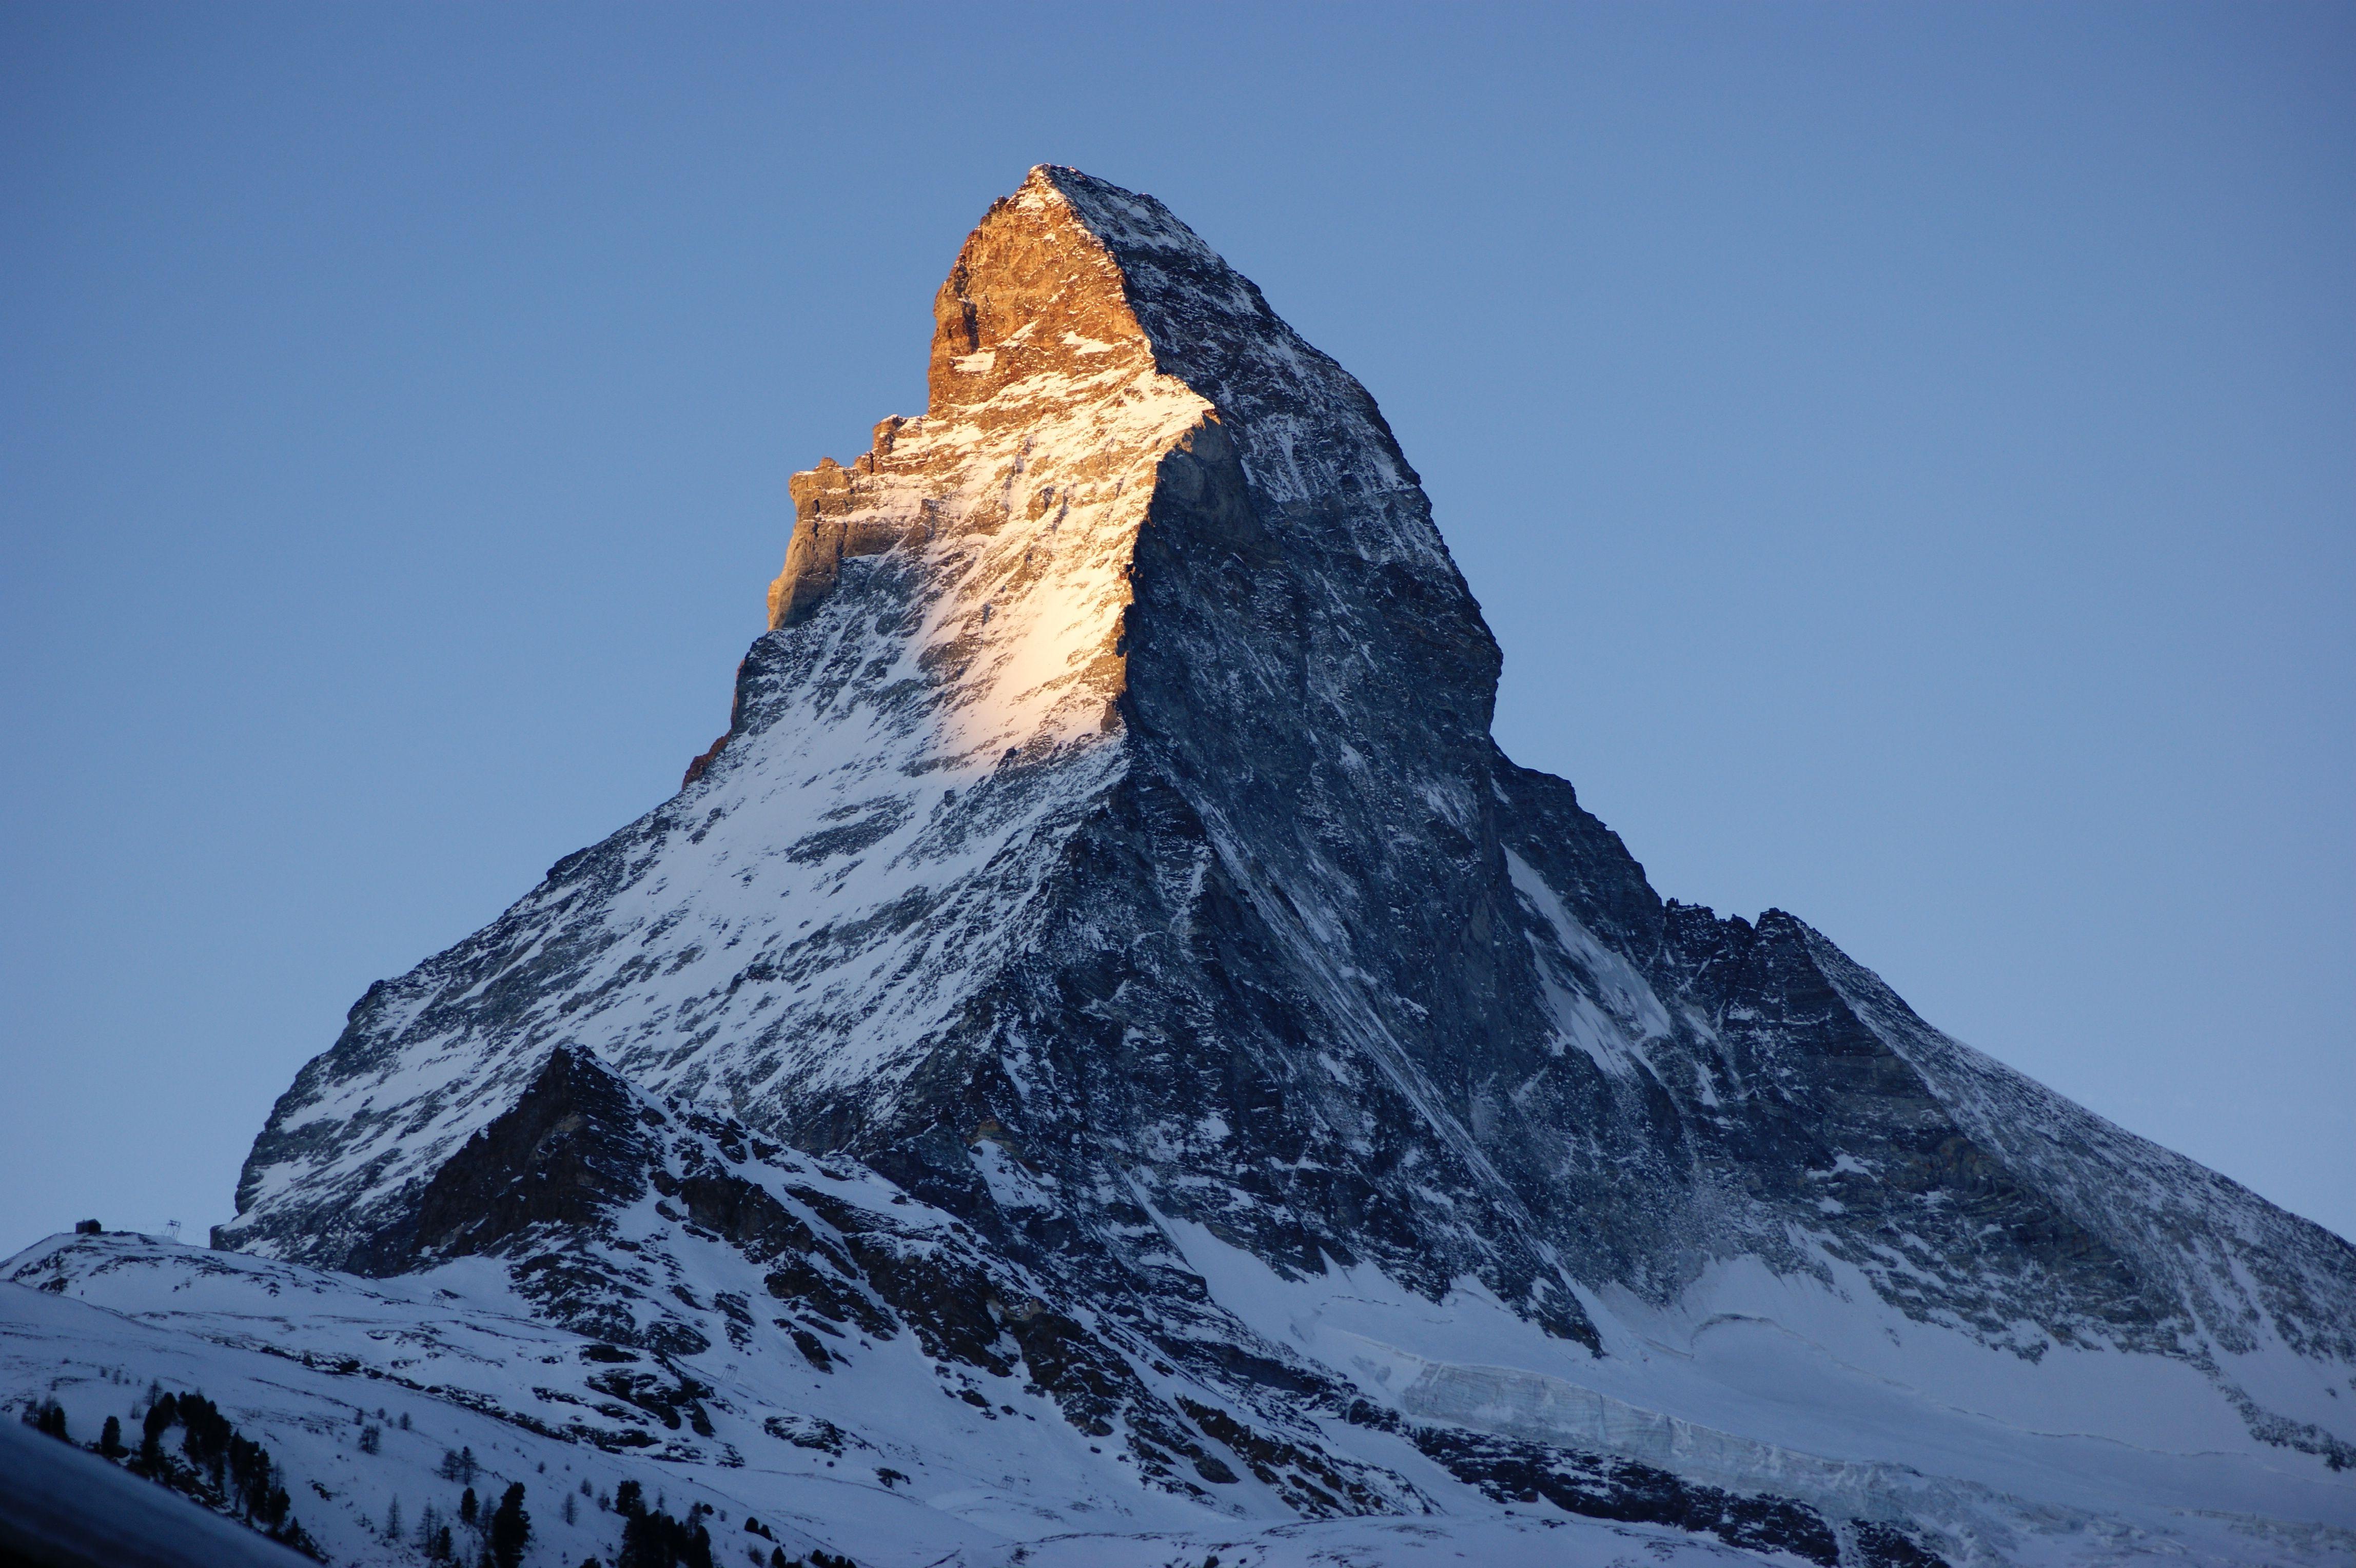 Matterhorn SUIÇA  Altitude: 4.478 m  Primeira ascensão: 14 de julho de 1865 Proeminência: 1.040 m Primeiros escaladores: Edward Whymper, Charles Hudson, mais Cordilheira: Alpes, Alpes valaisanos